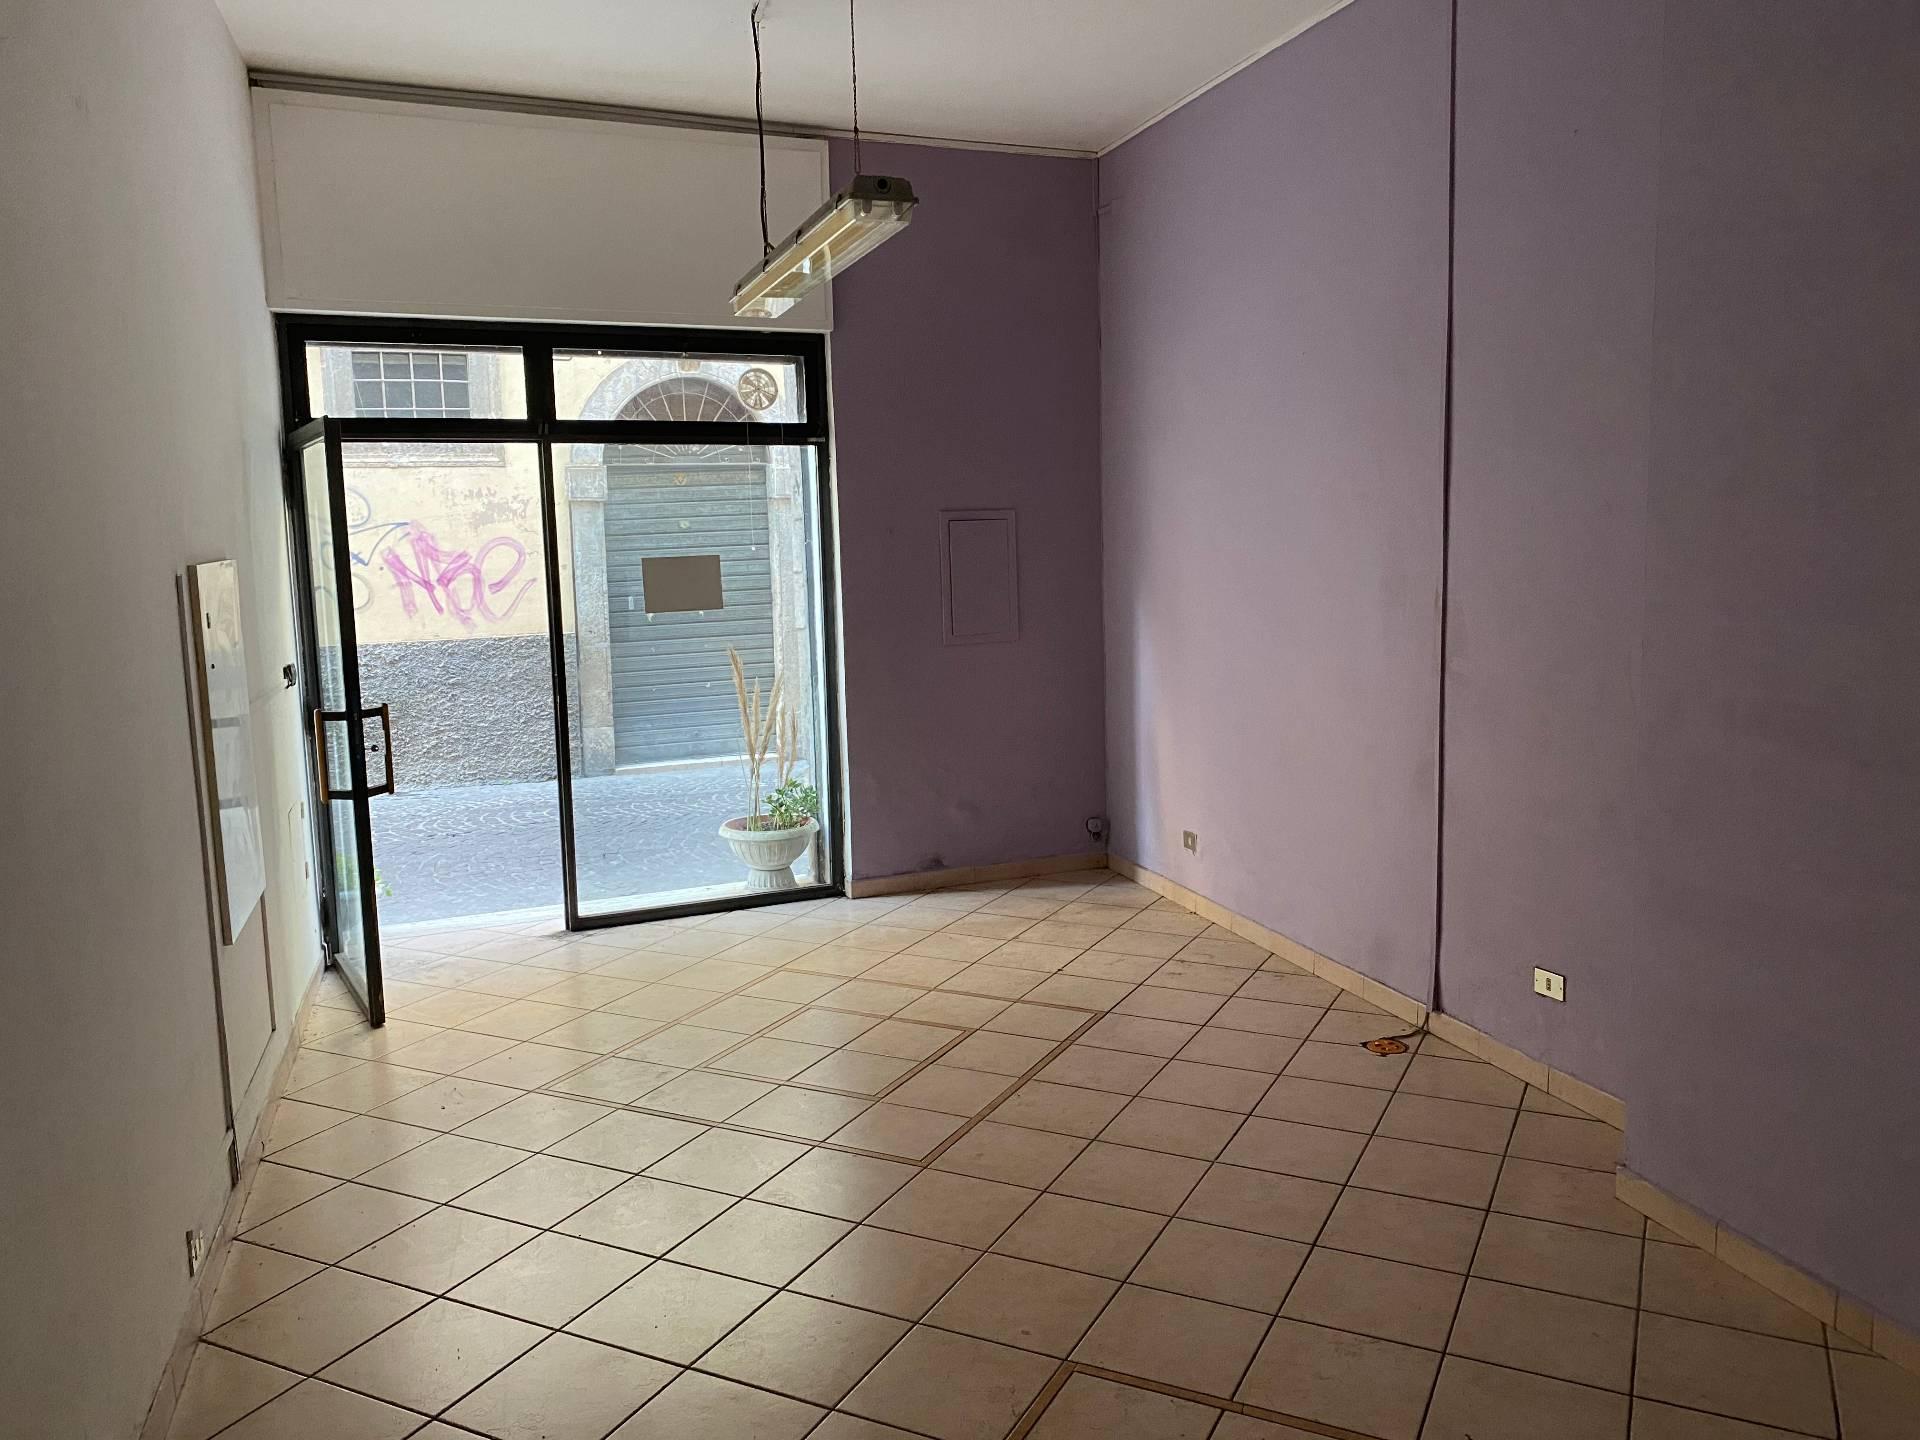 Negozio / Locale in affitto a Ascoli Piceno, 9999 locali, zona Località: CentroStorico, prezzo € 400 | CambioCasa.it